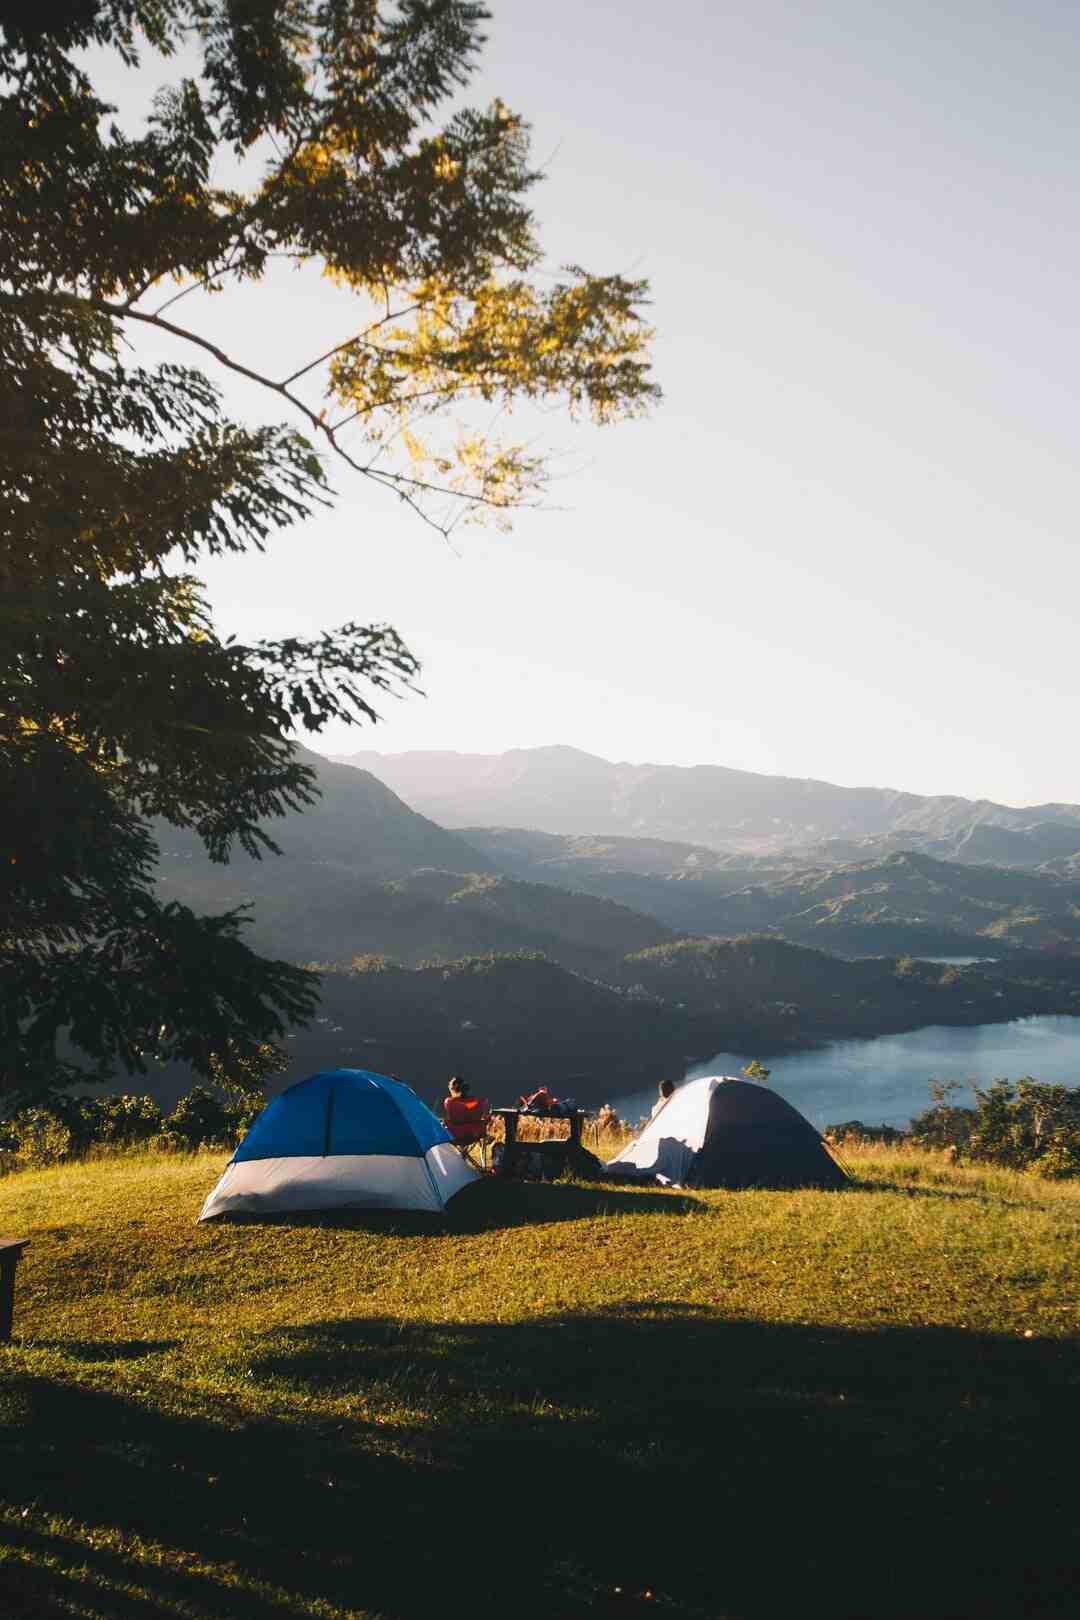 Quel est le prix d'une location à la semaine pour un Camping-car ?